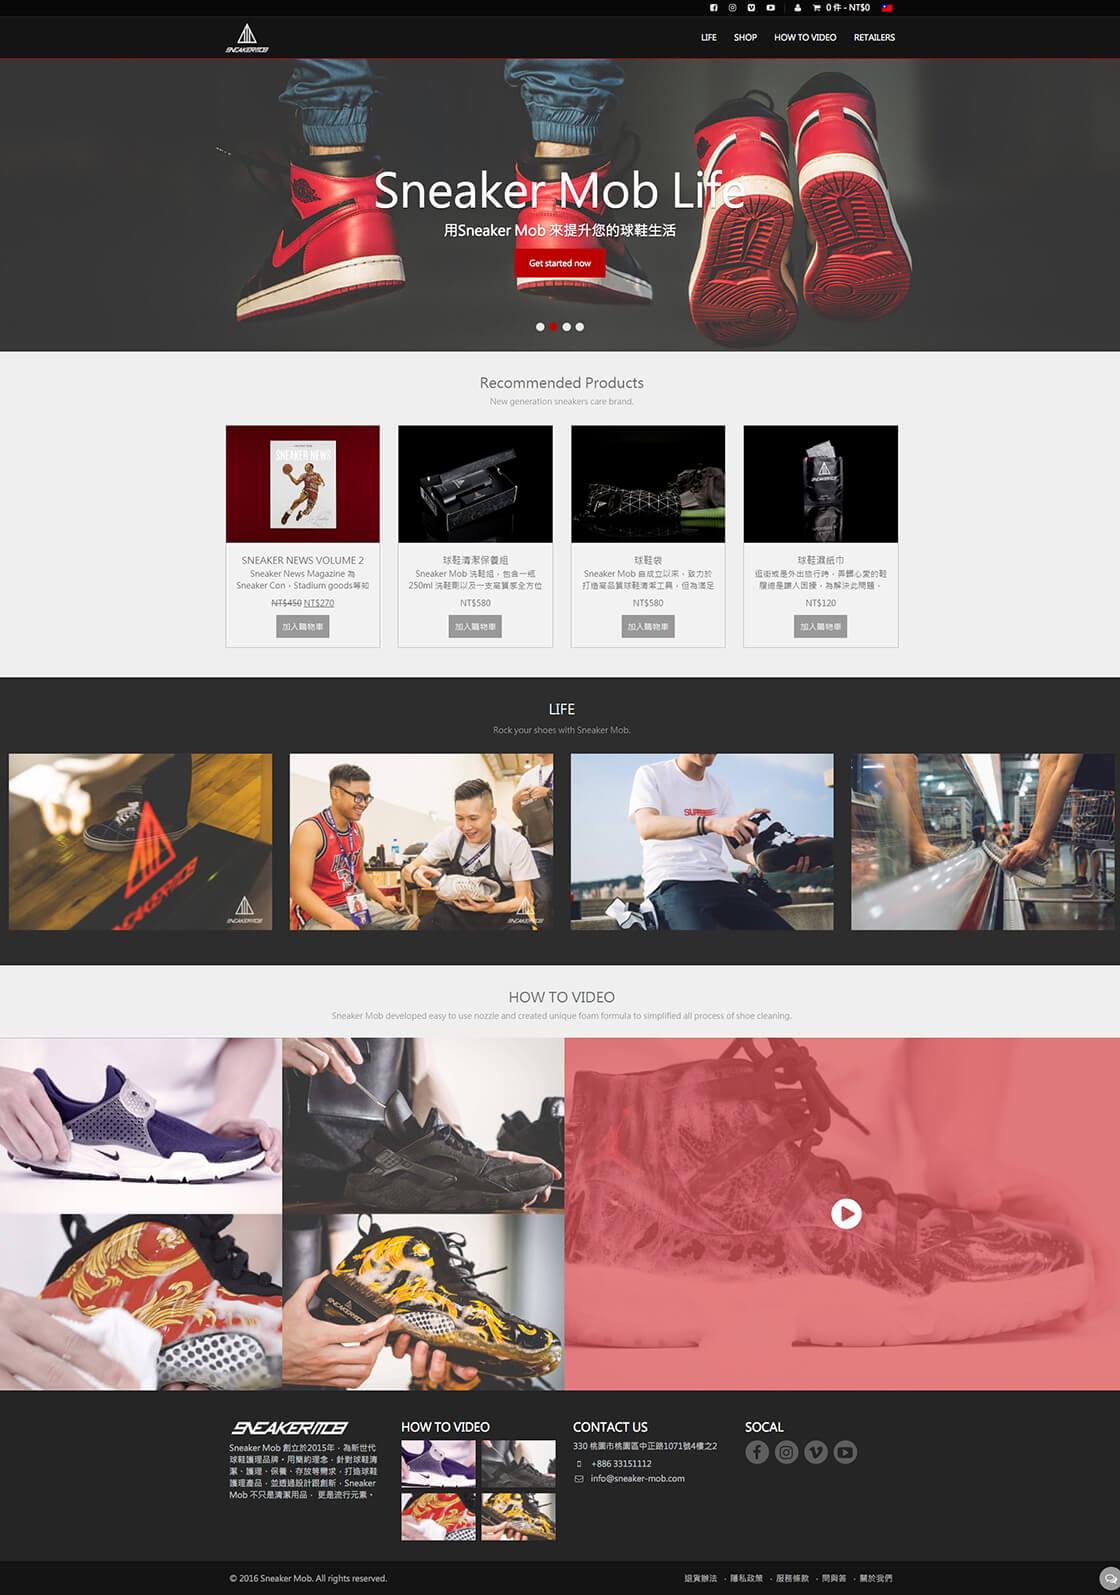 sneaker-mob-%e5%85%ab%e9%bb%98%e7%a4%be%e8%a8%88001